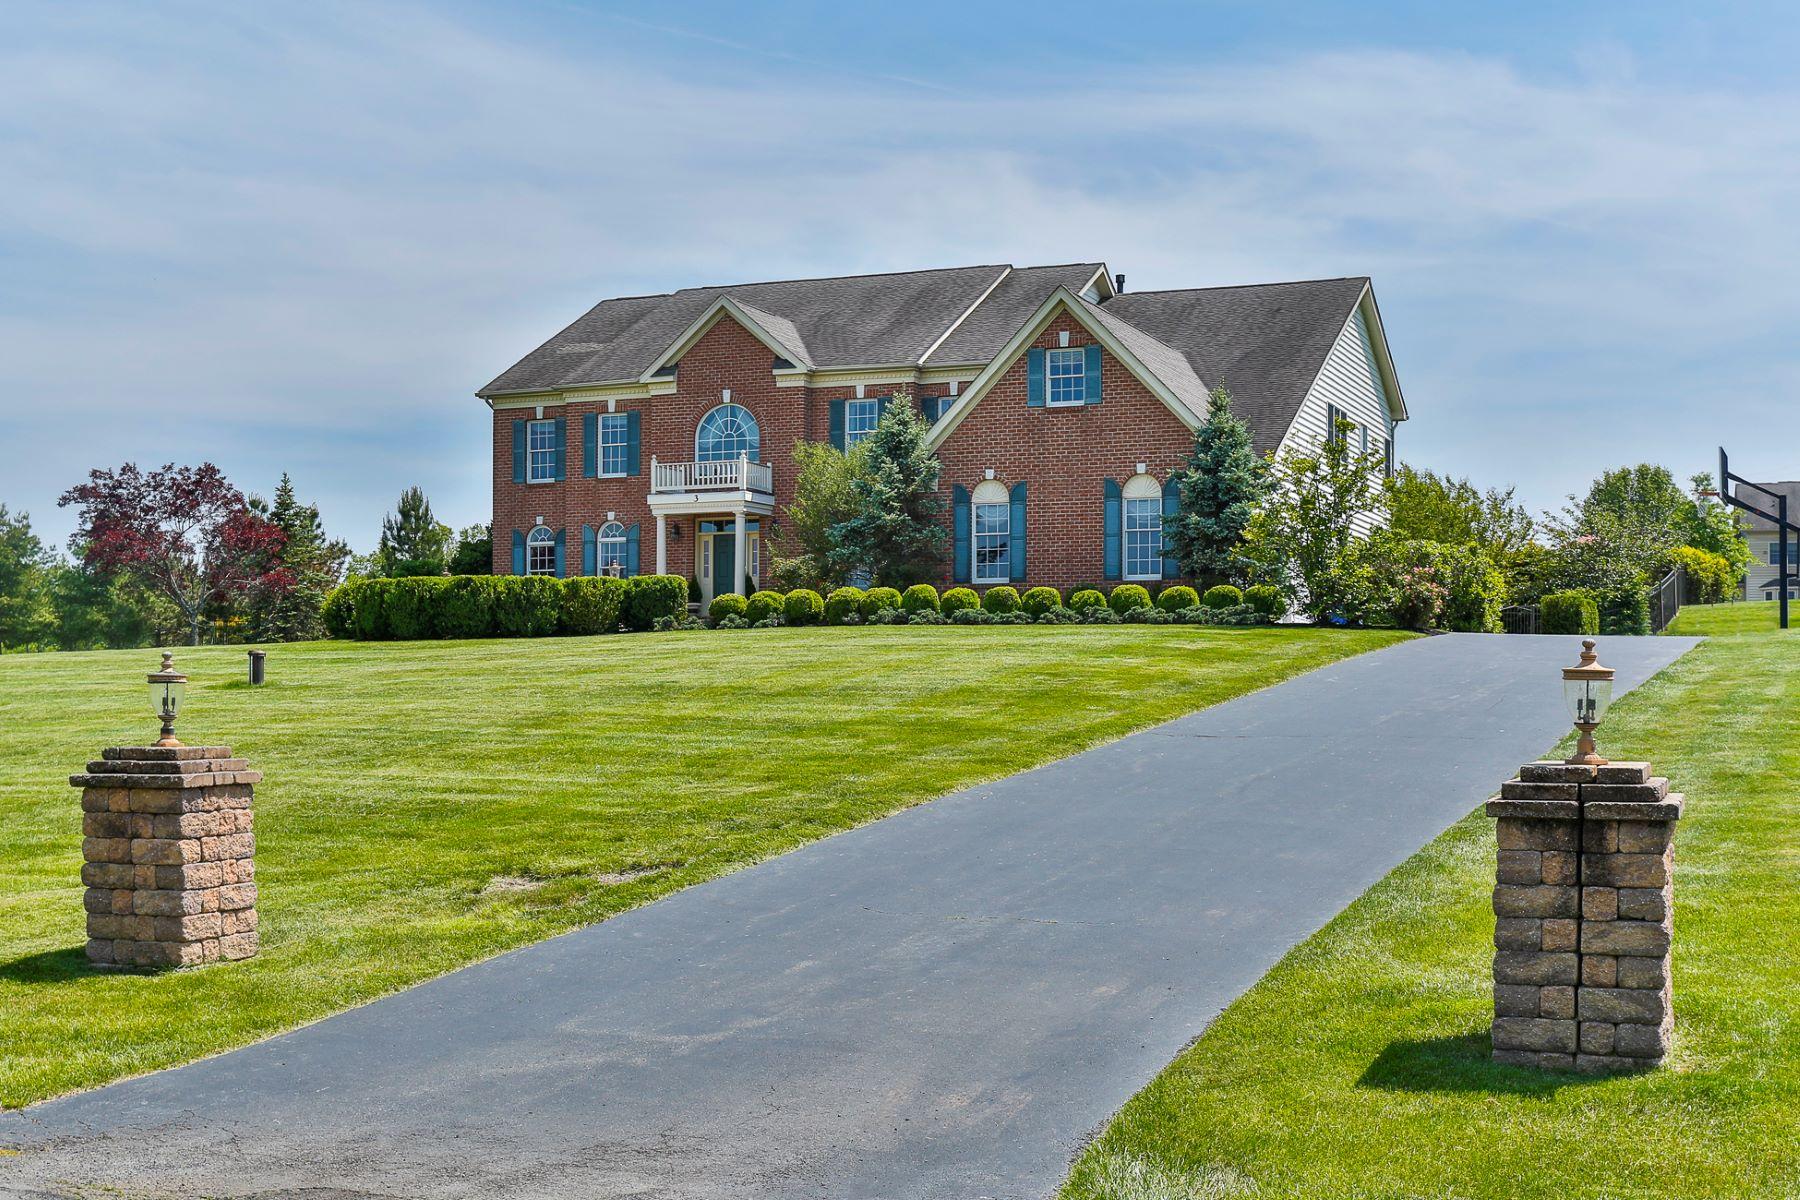 Vivienda unifamiliar por un Venta en Live Life Inspired - Hopewell Township 3 Baker Way Pennington, Nueva Jersey, 08534 Estados Unidos